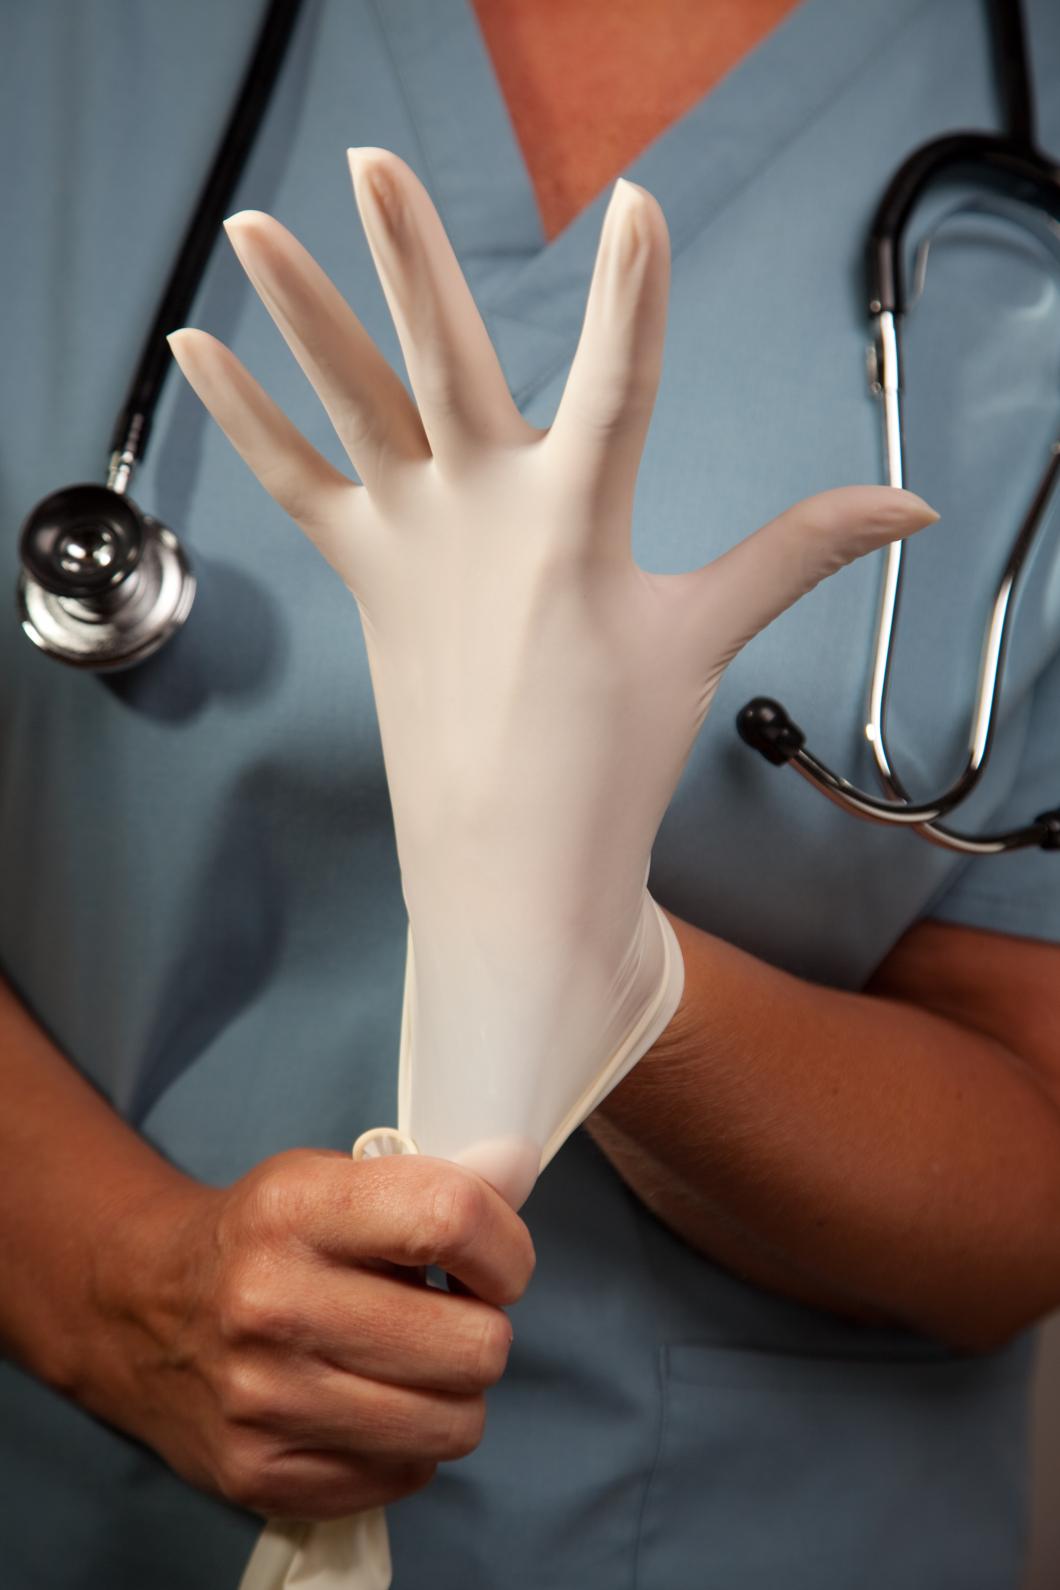 Handeksem tycks öka i vården